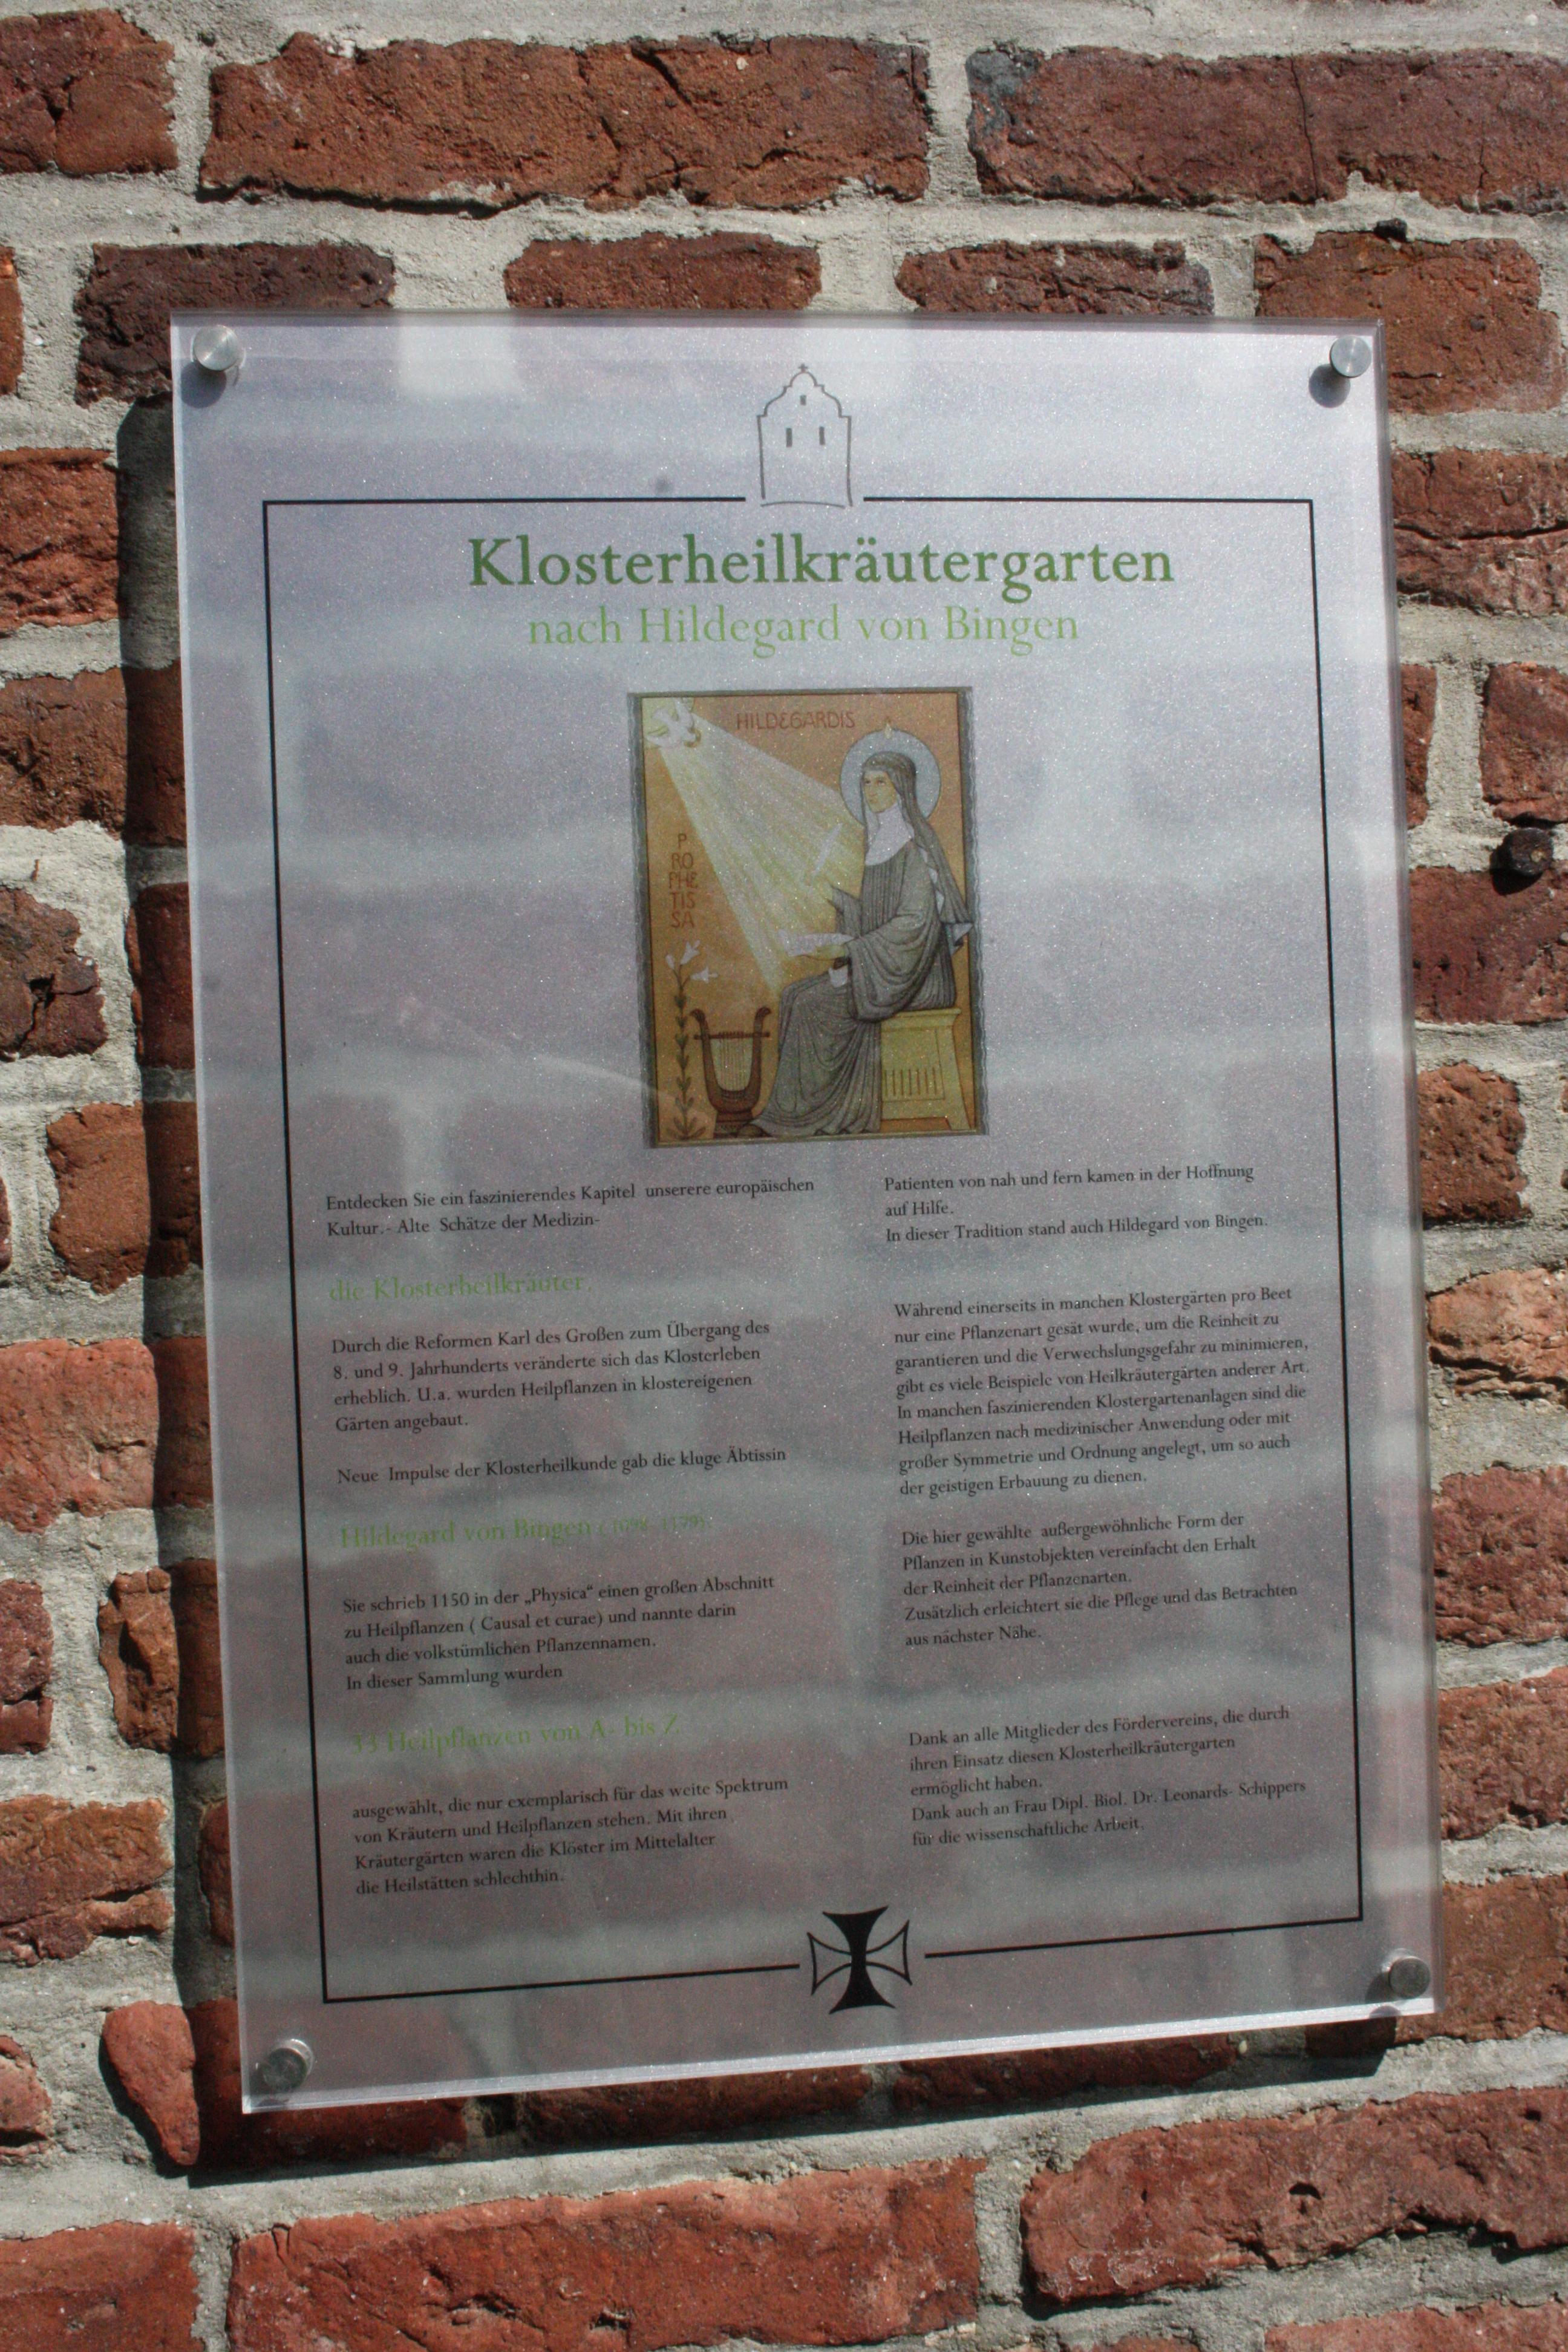 Wir bleiben im Klostergarten (c) Foto von Susanne Haun